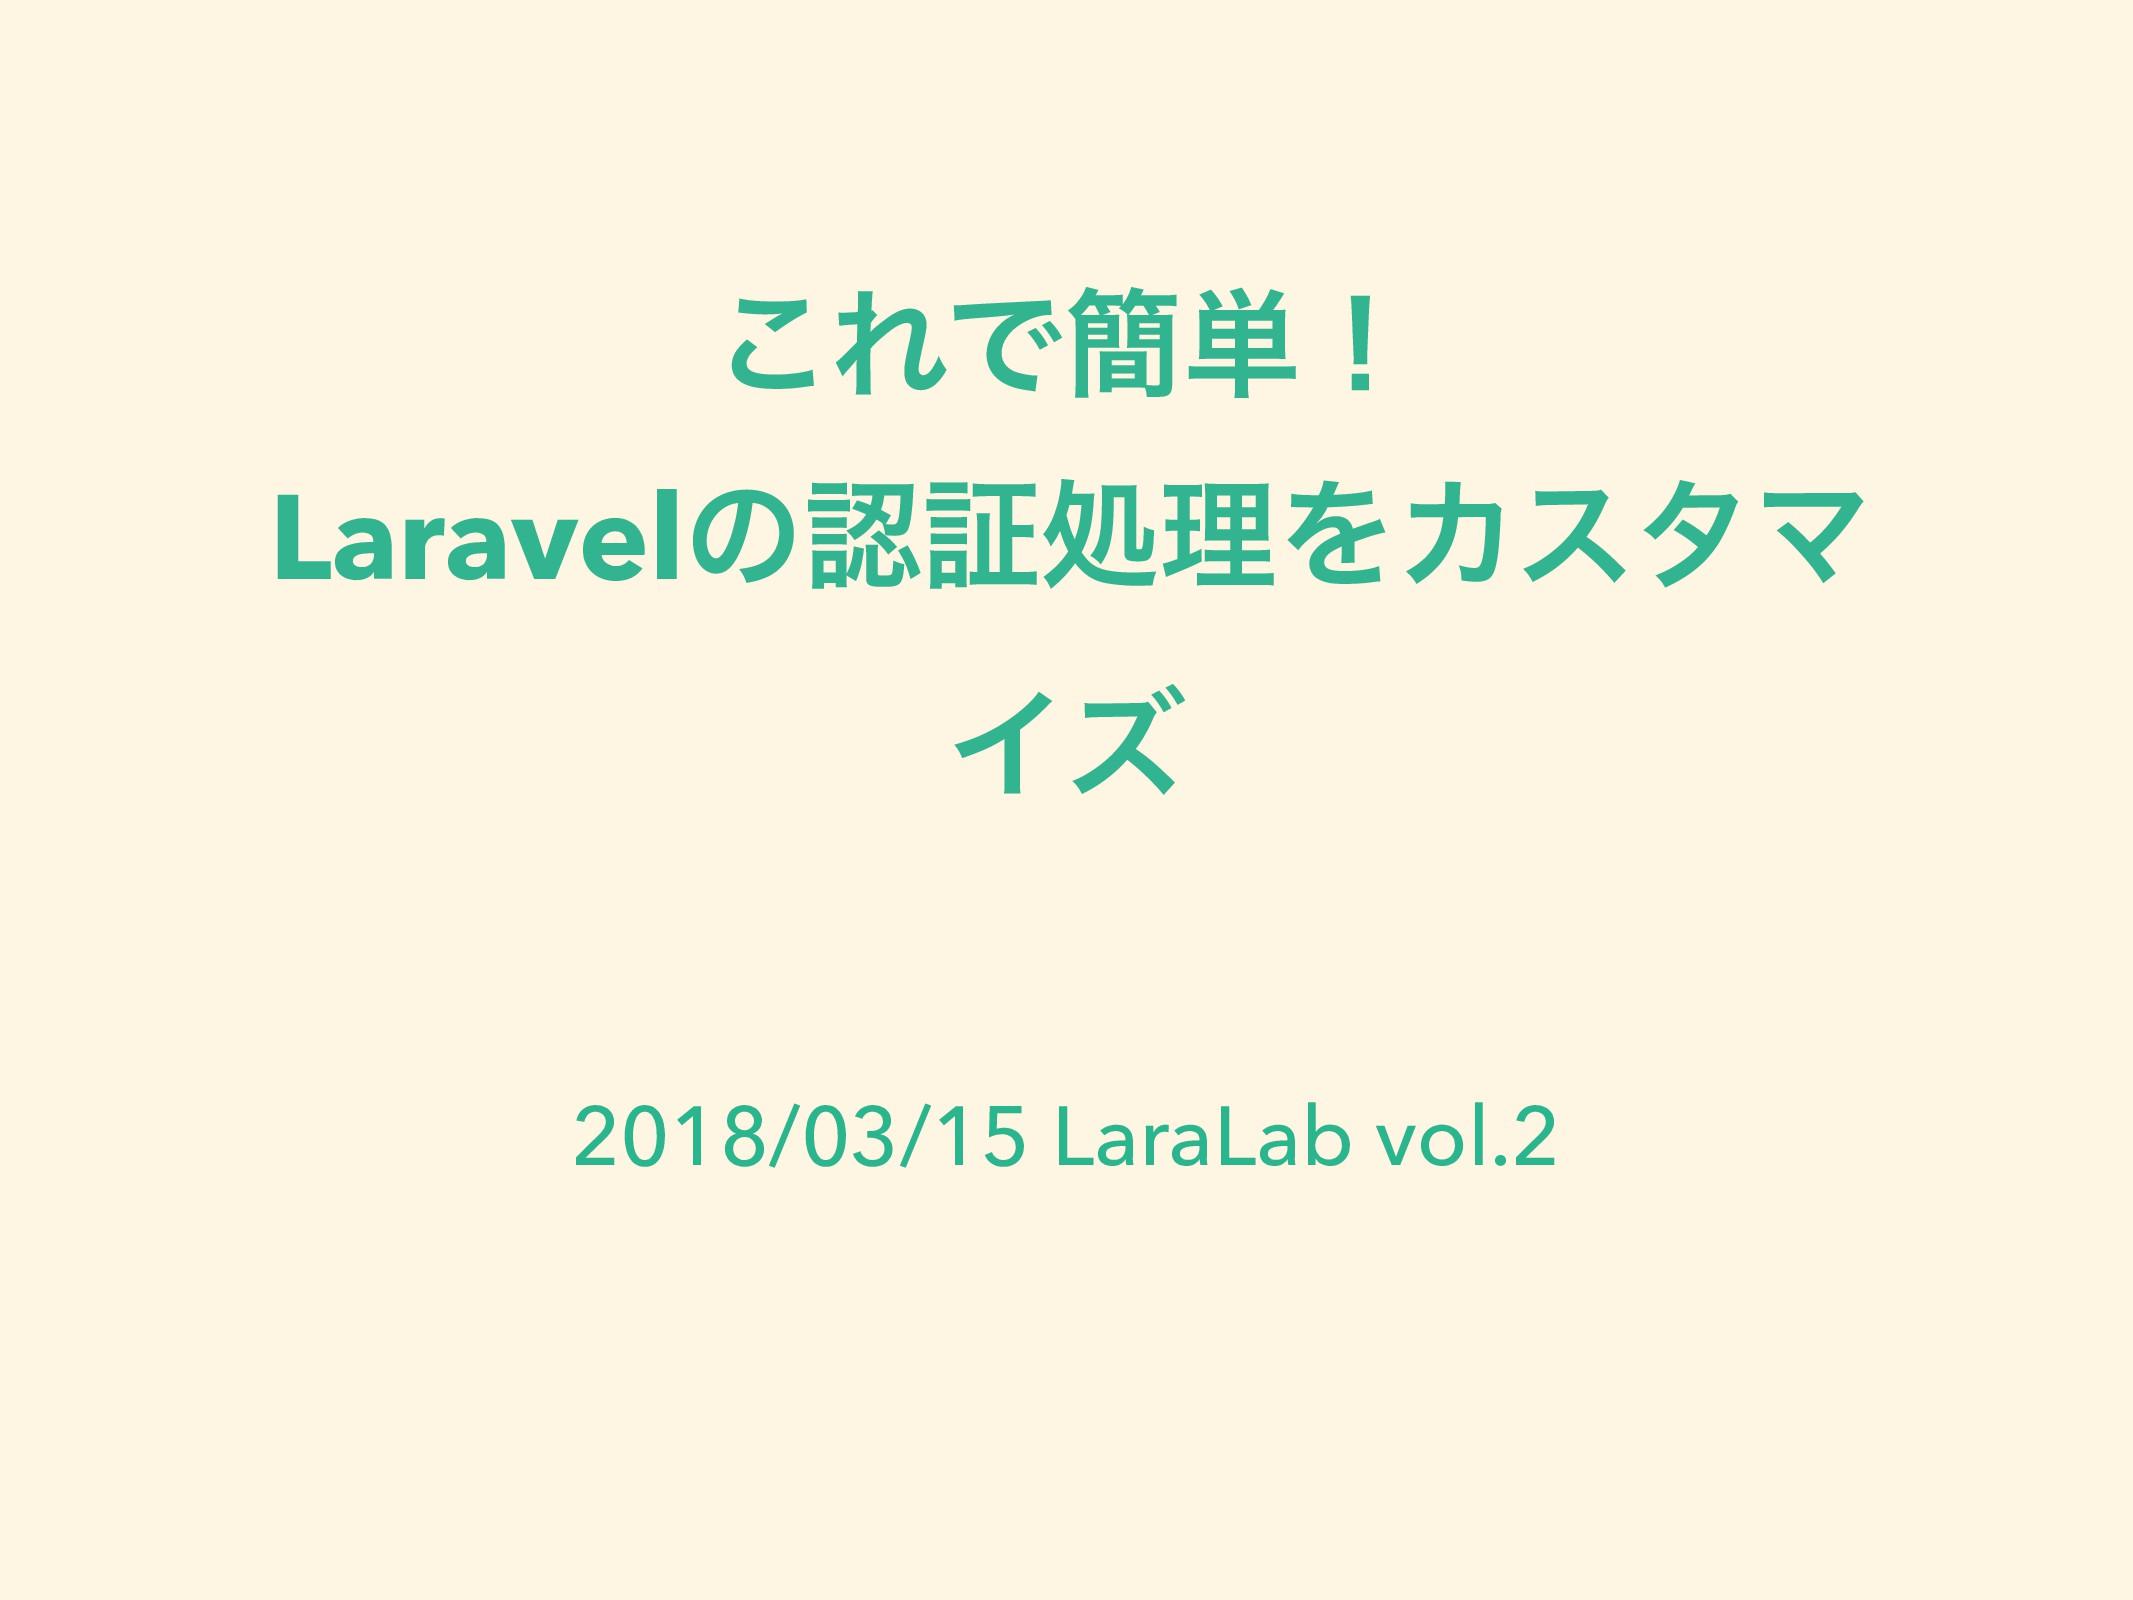 ͜ΕͰ؆୯ʂ LaravelͷূॲཧΛΧελϚ Πζ 2018/03/15 LaraLab ...